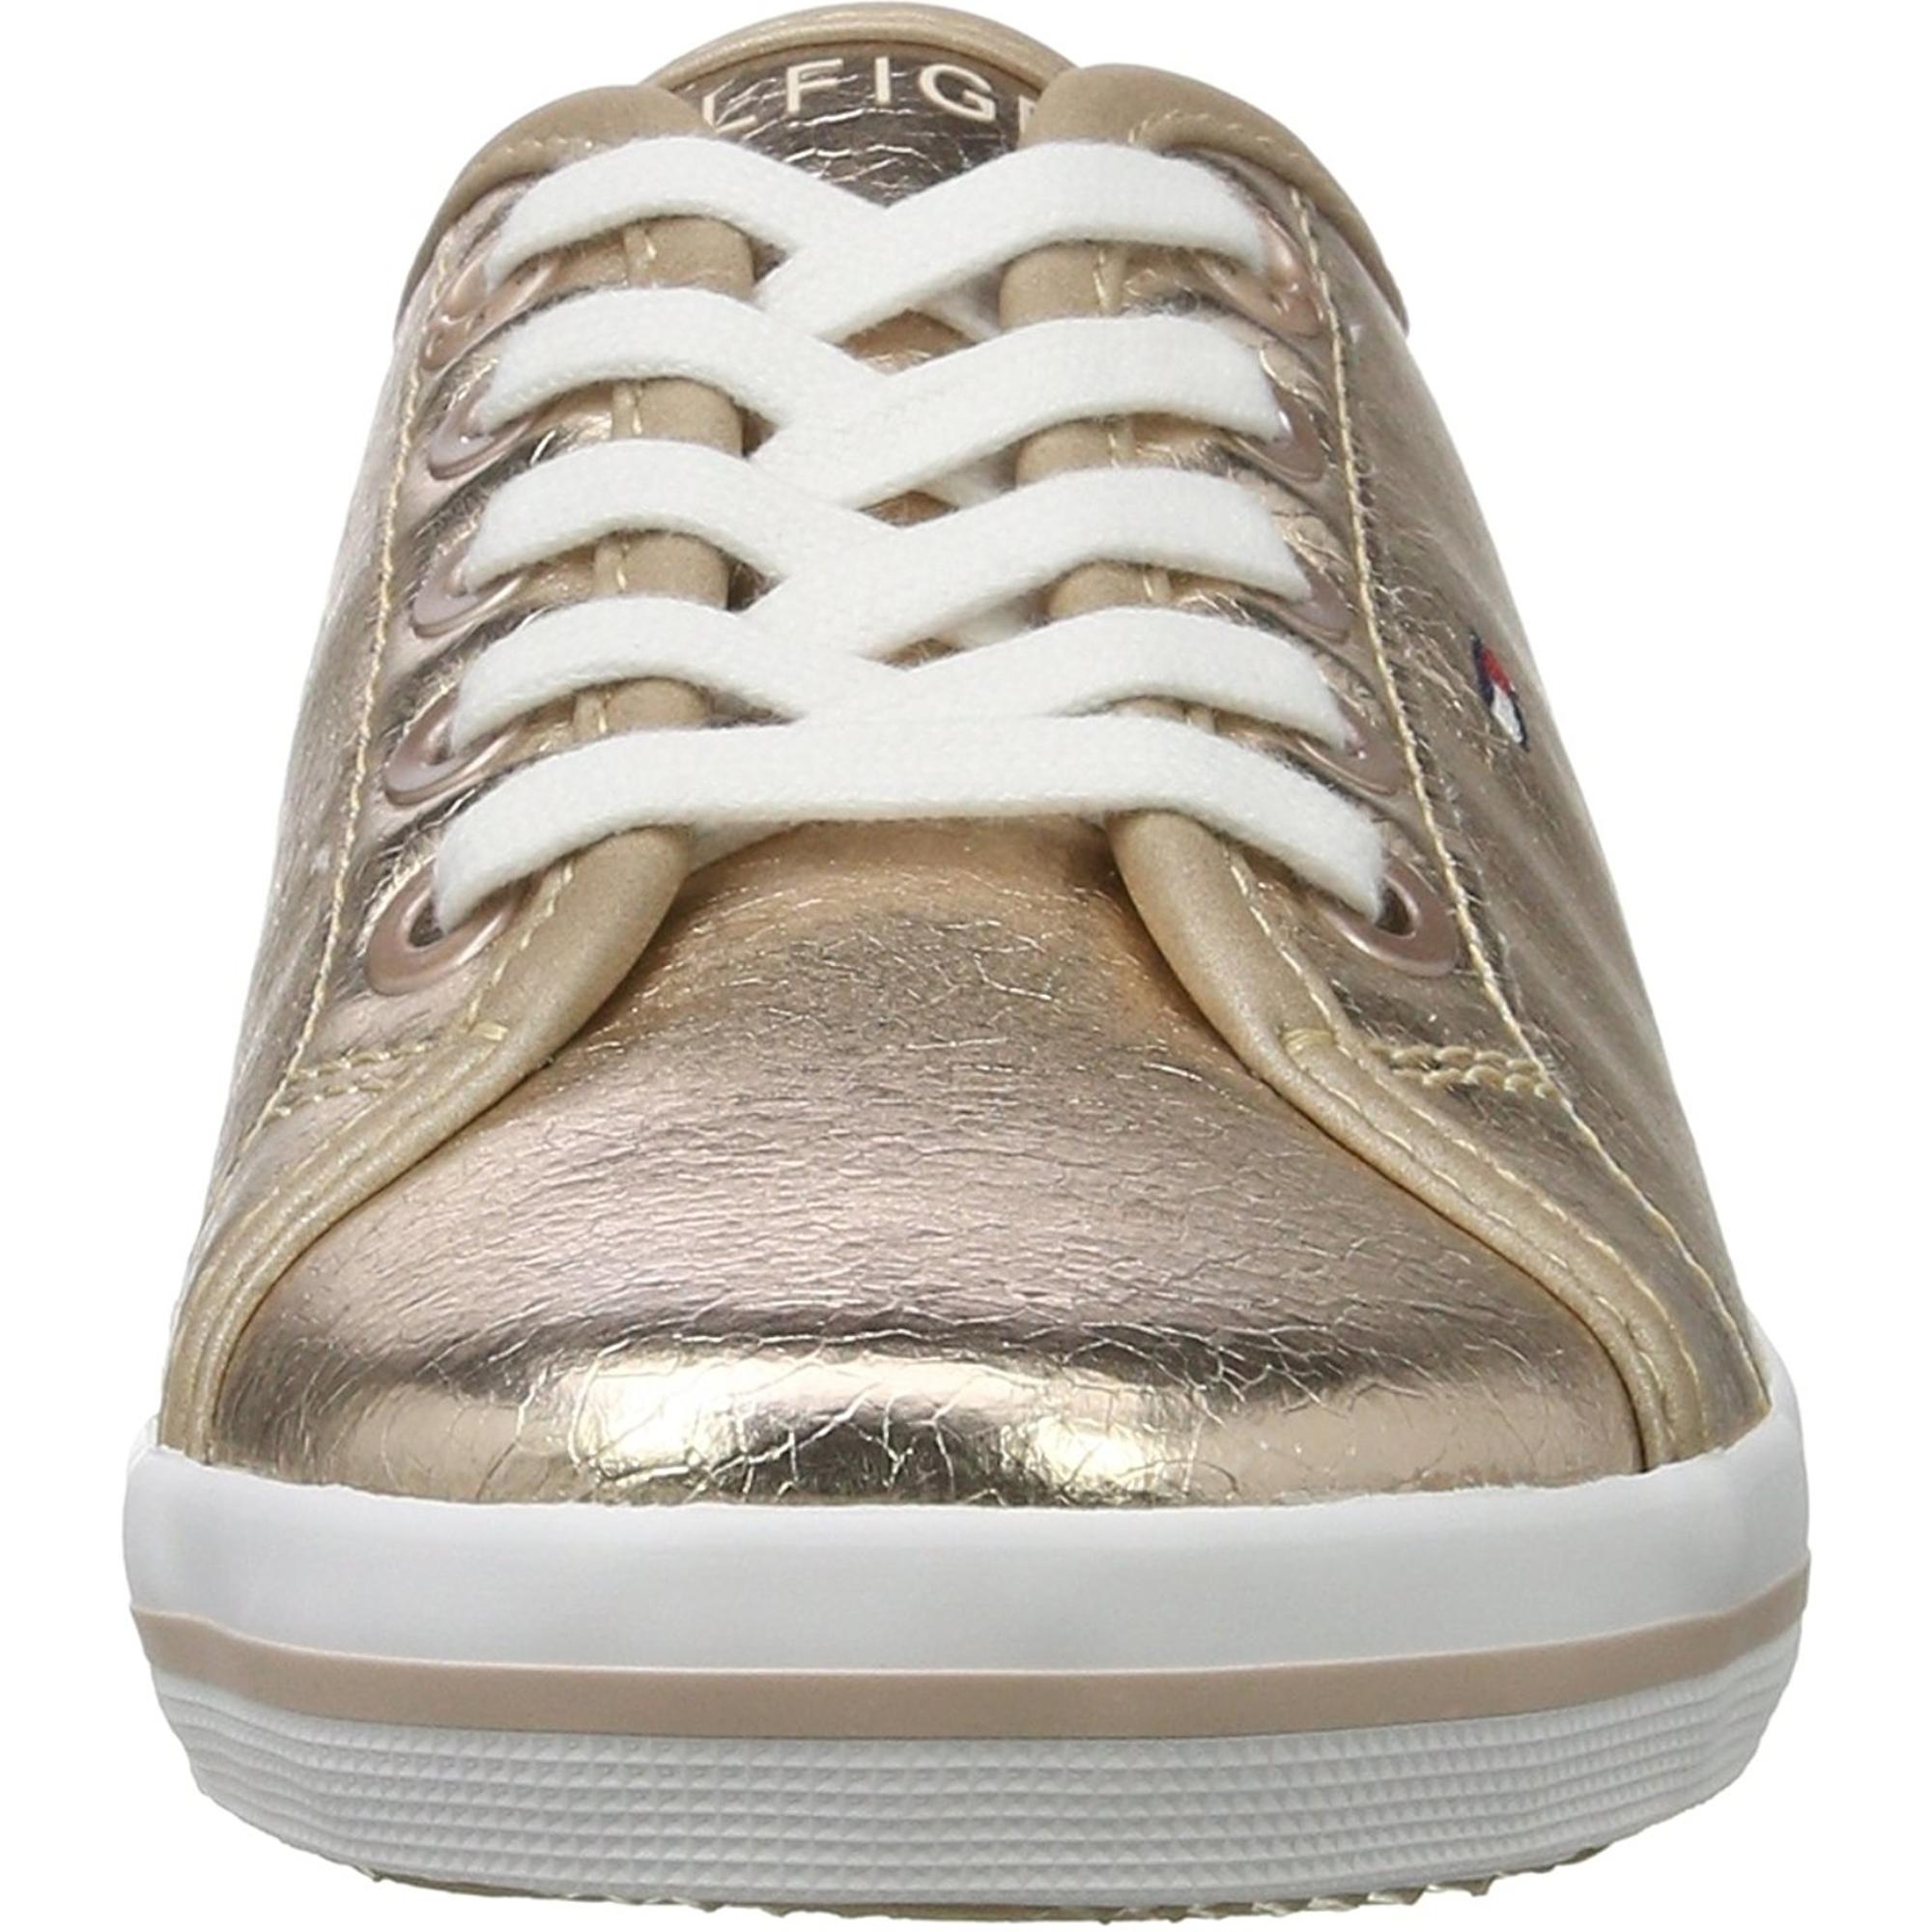 vonzó ár legjobb cipők legjobb ár Tommy Hilfiger S3285ammie 21Z Rose Gold Synthetic - Trainers Shoes ...